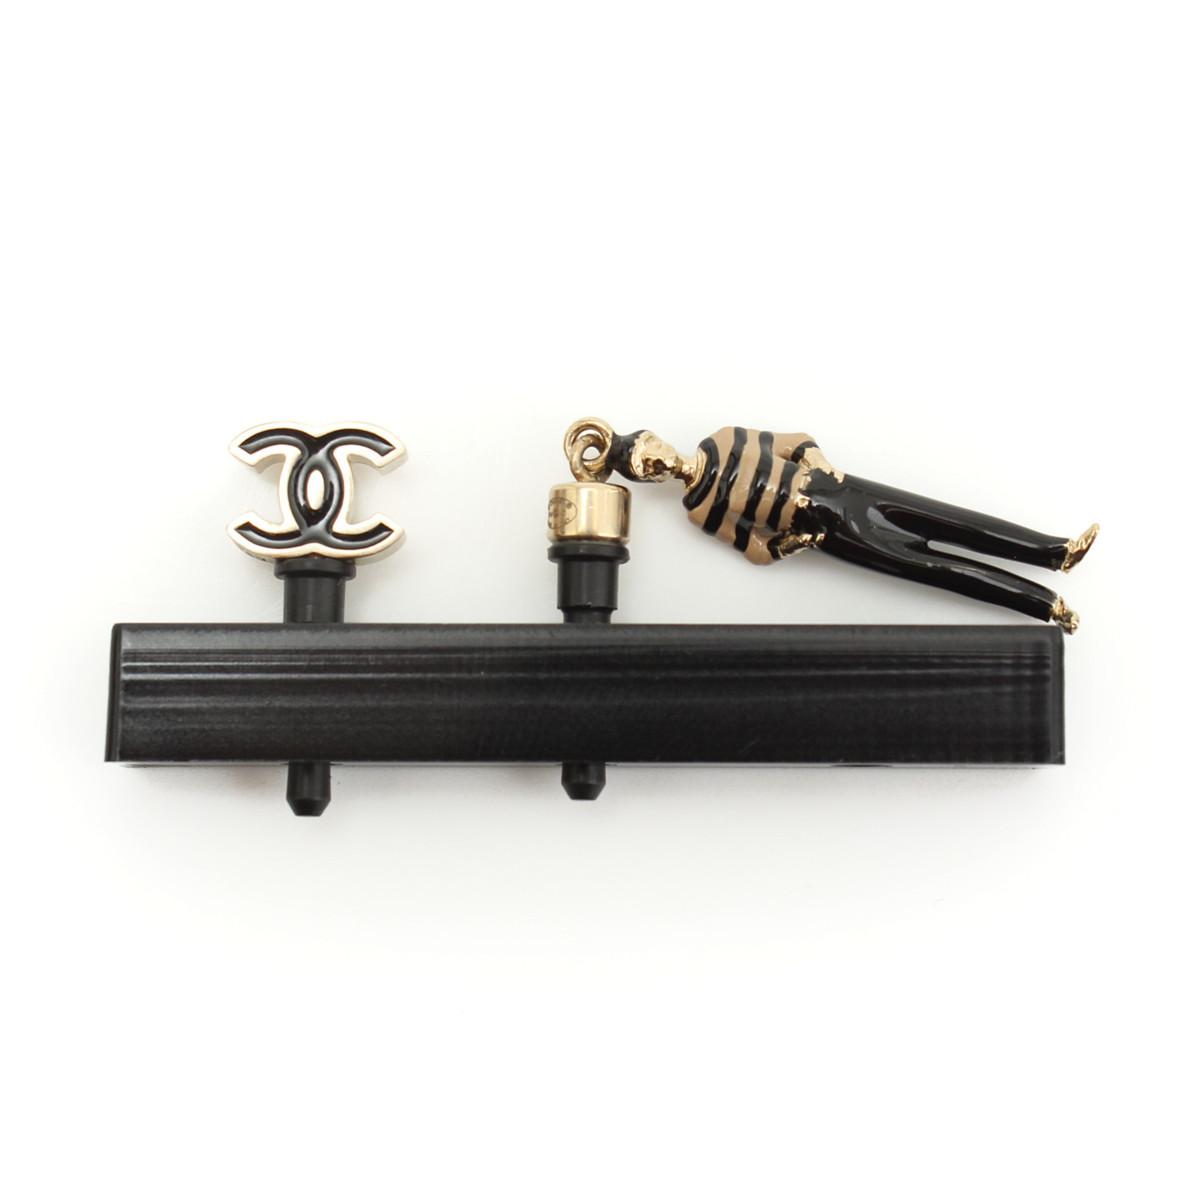 【シャネル】Chanel B14 ココマーク イヤホンジャック 2点 人形 【中古】【鑑定済・正規品保証】29415